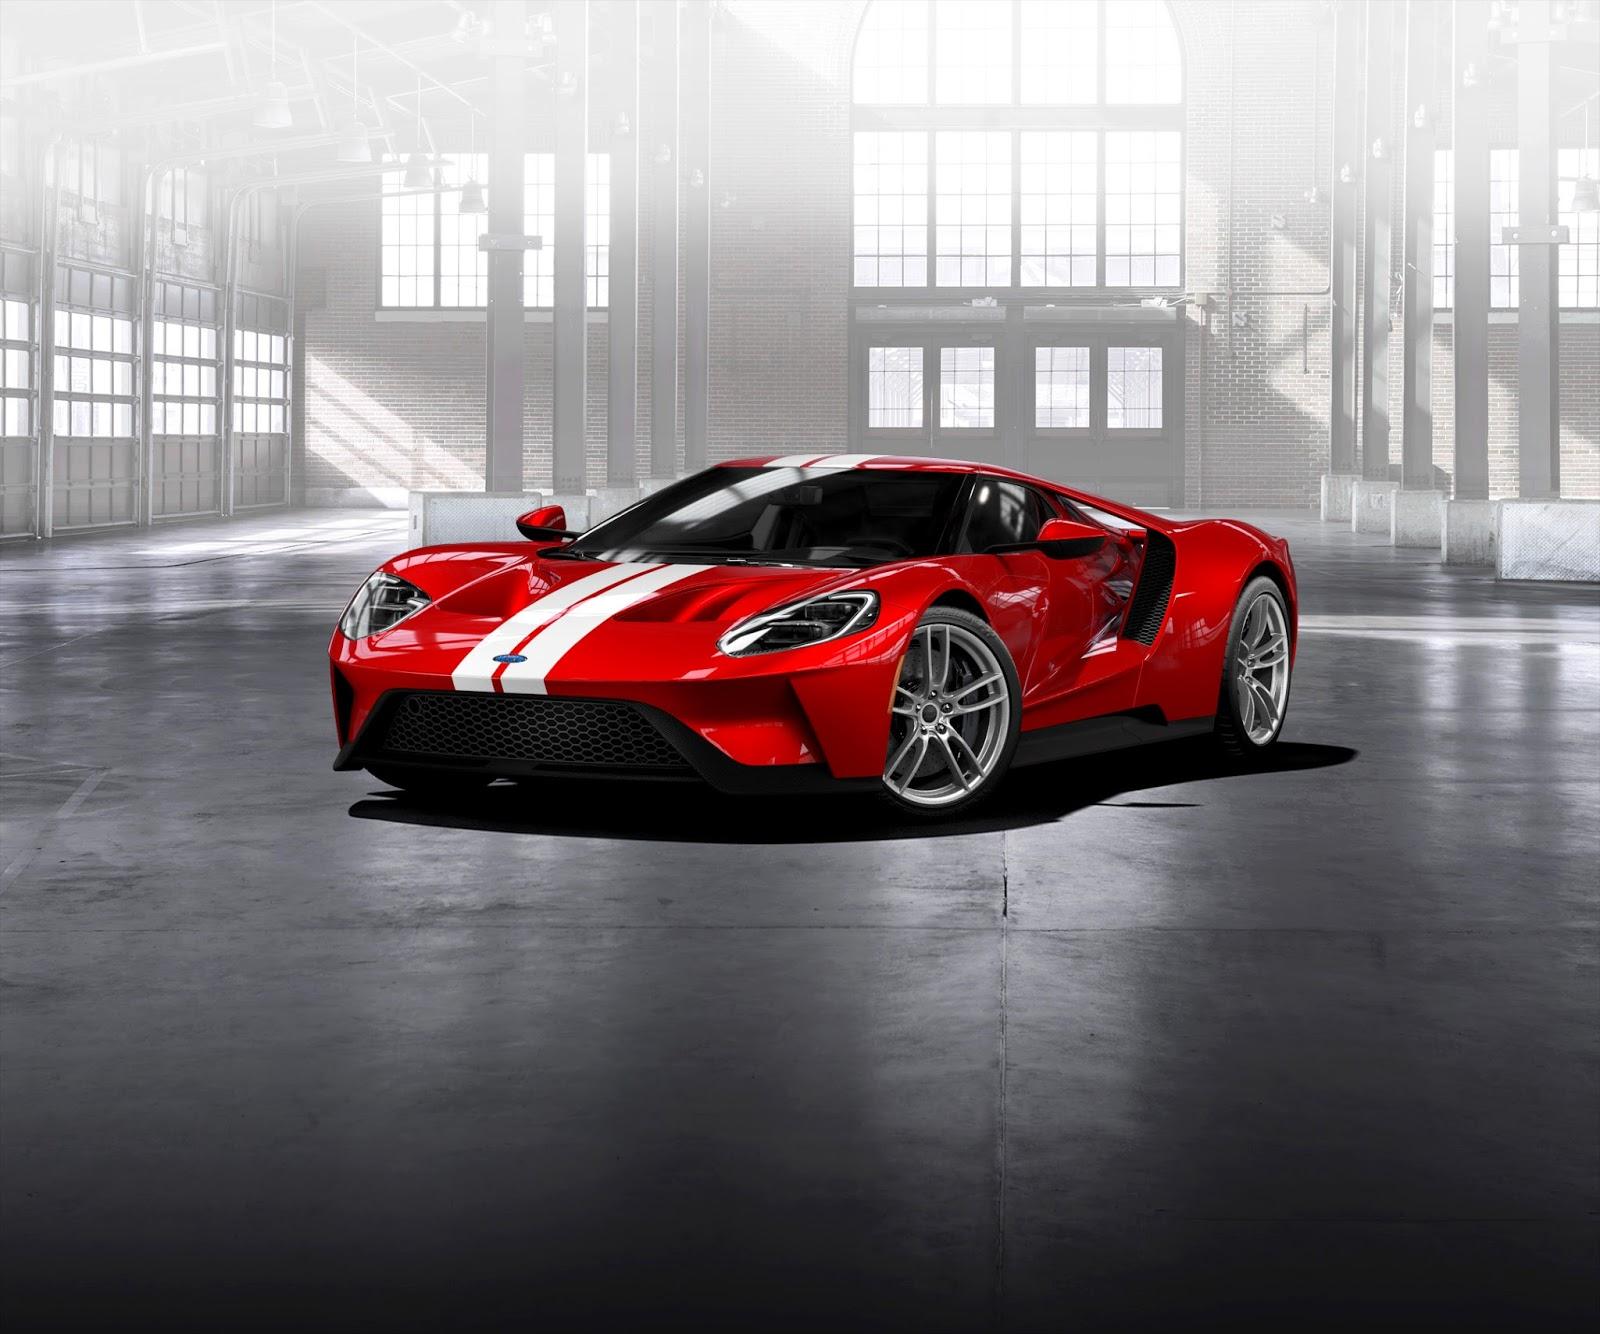 FORD2BGT liqred str wht Διαμόρφωσε το δικό σου Ford GT όπως εσύ το θέλεις Ford, Ford GT, Ford GT 40, αγορά